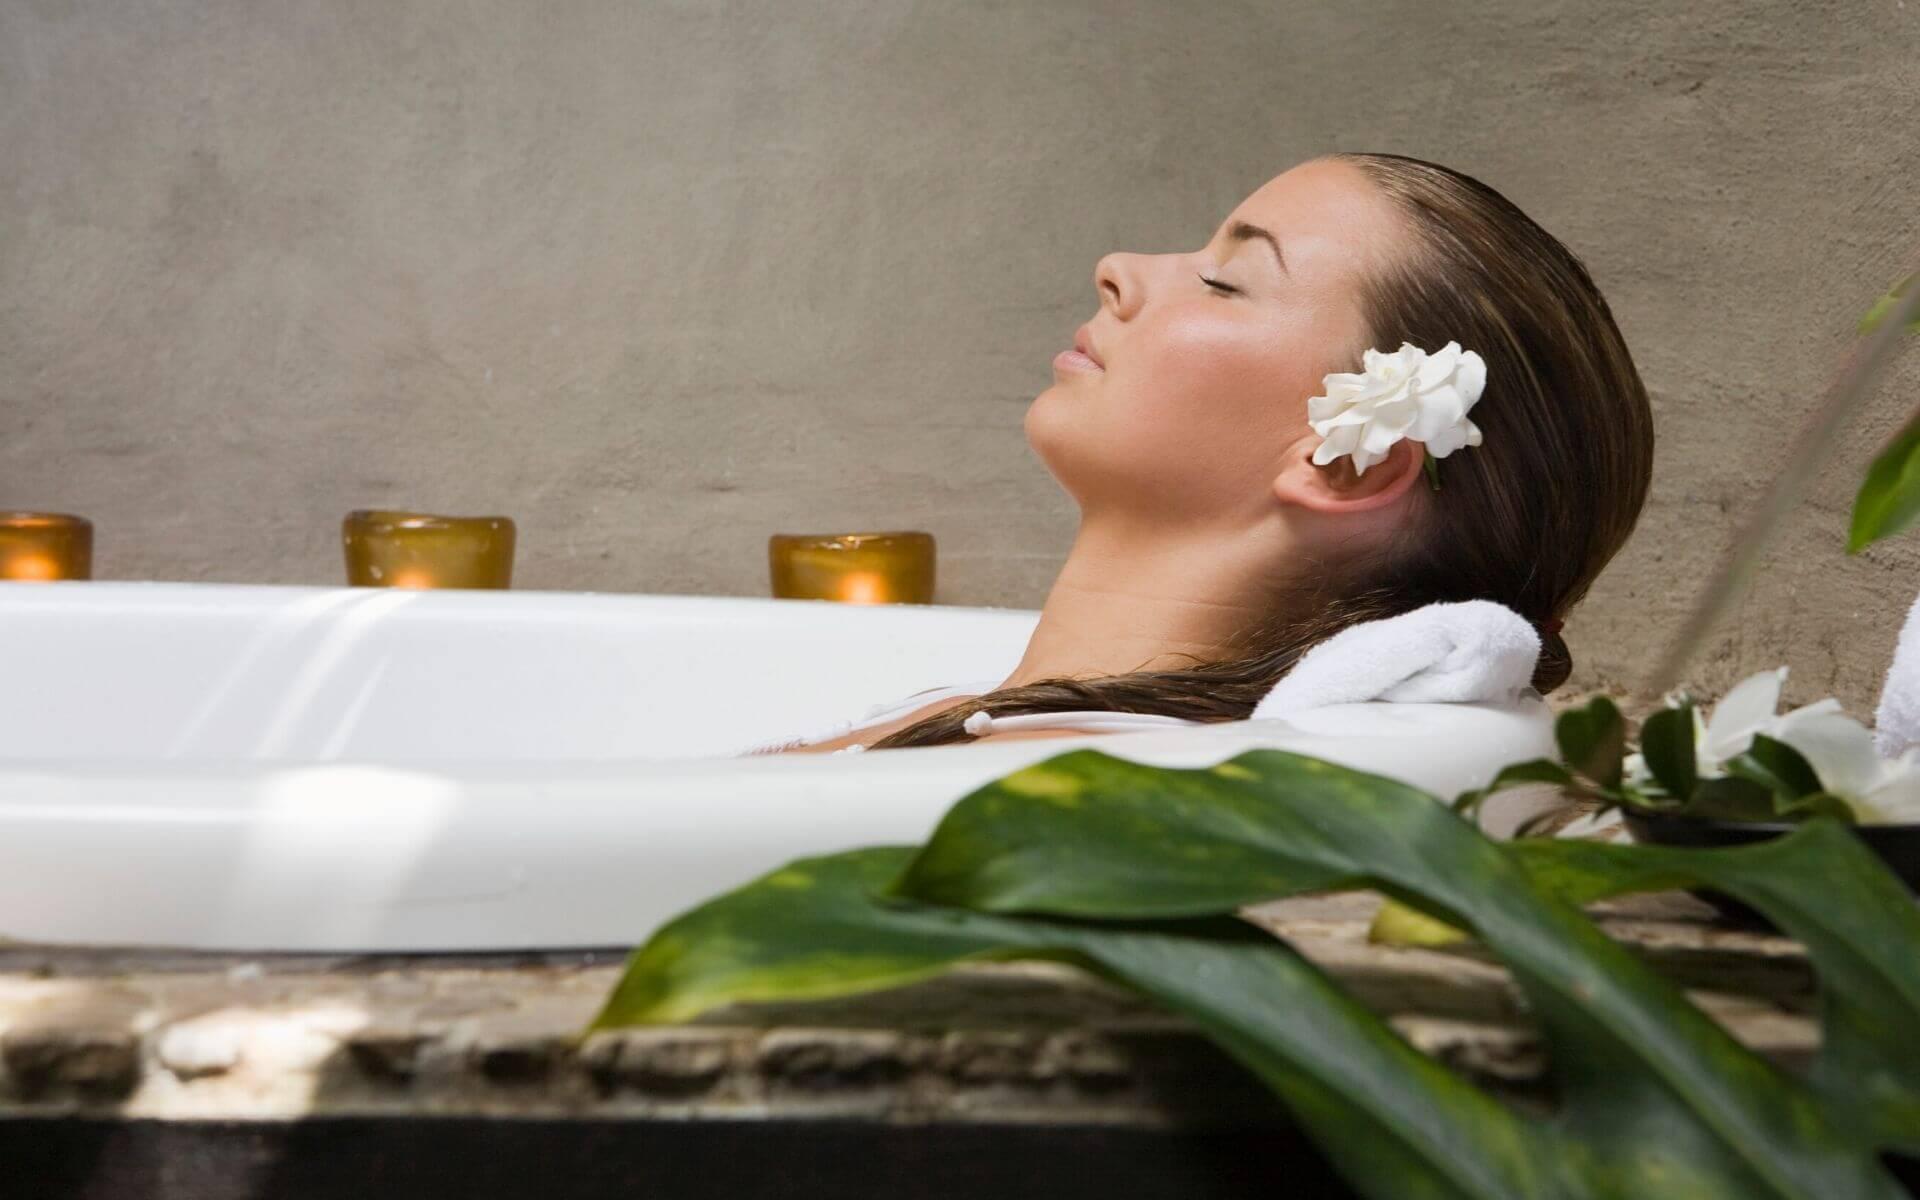 blogimage frau badewanne entspannt